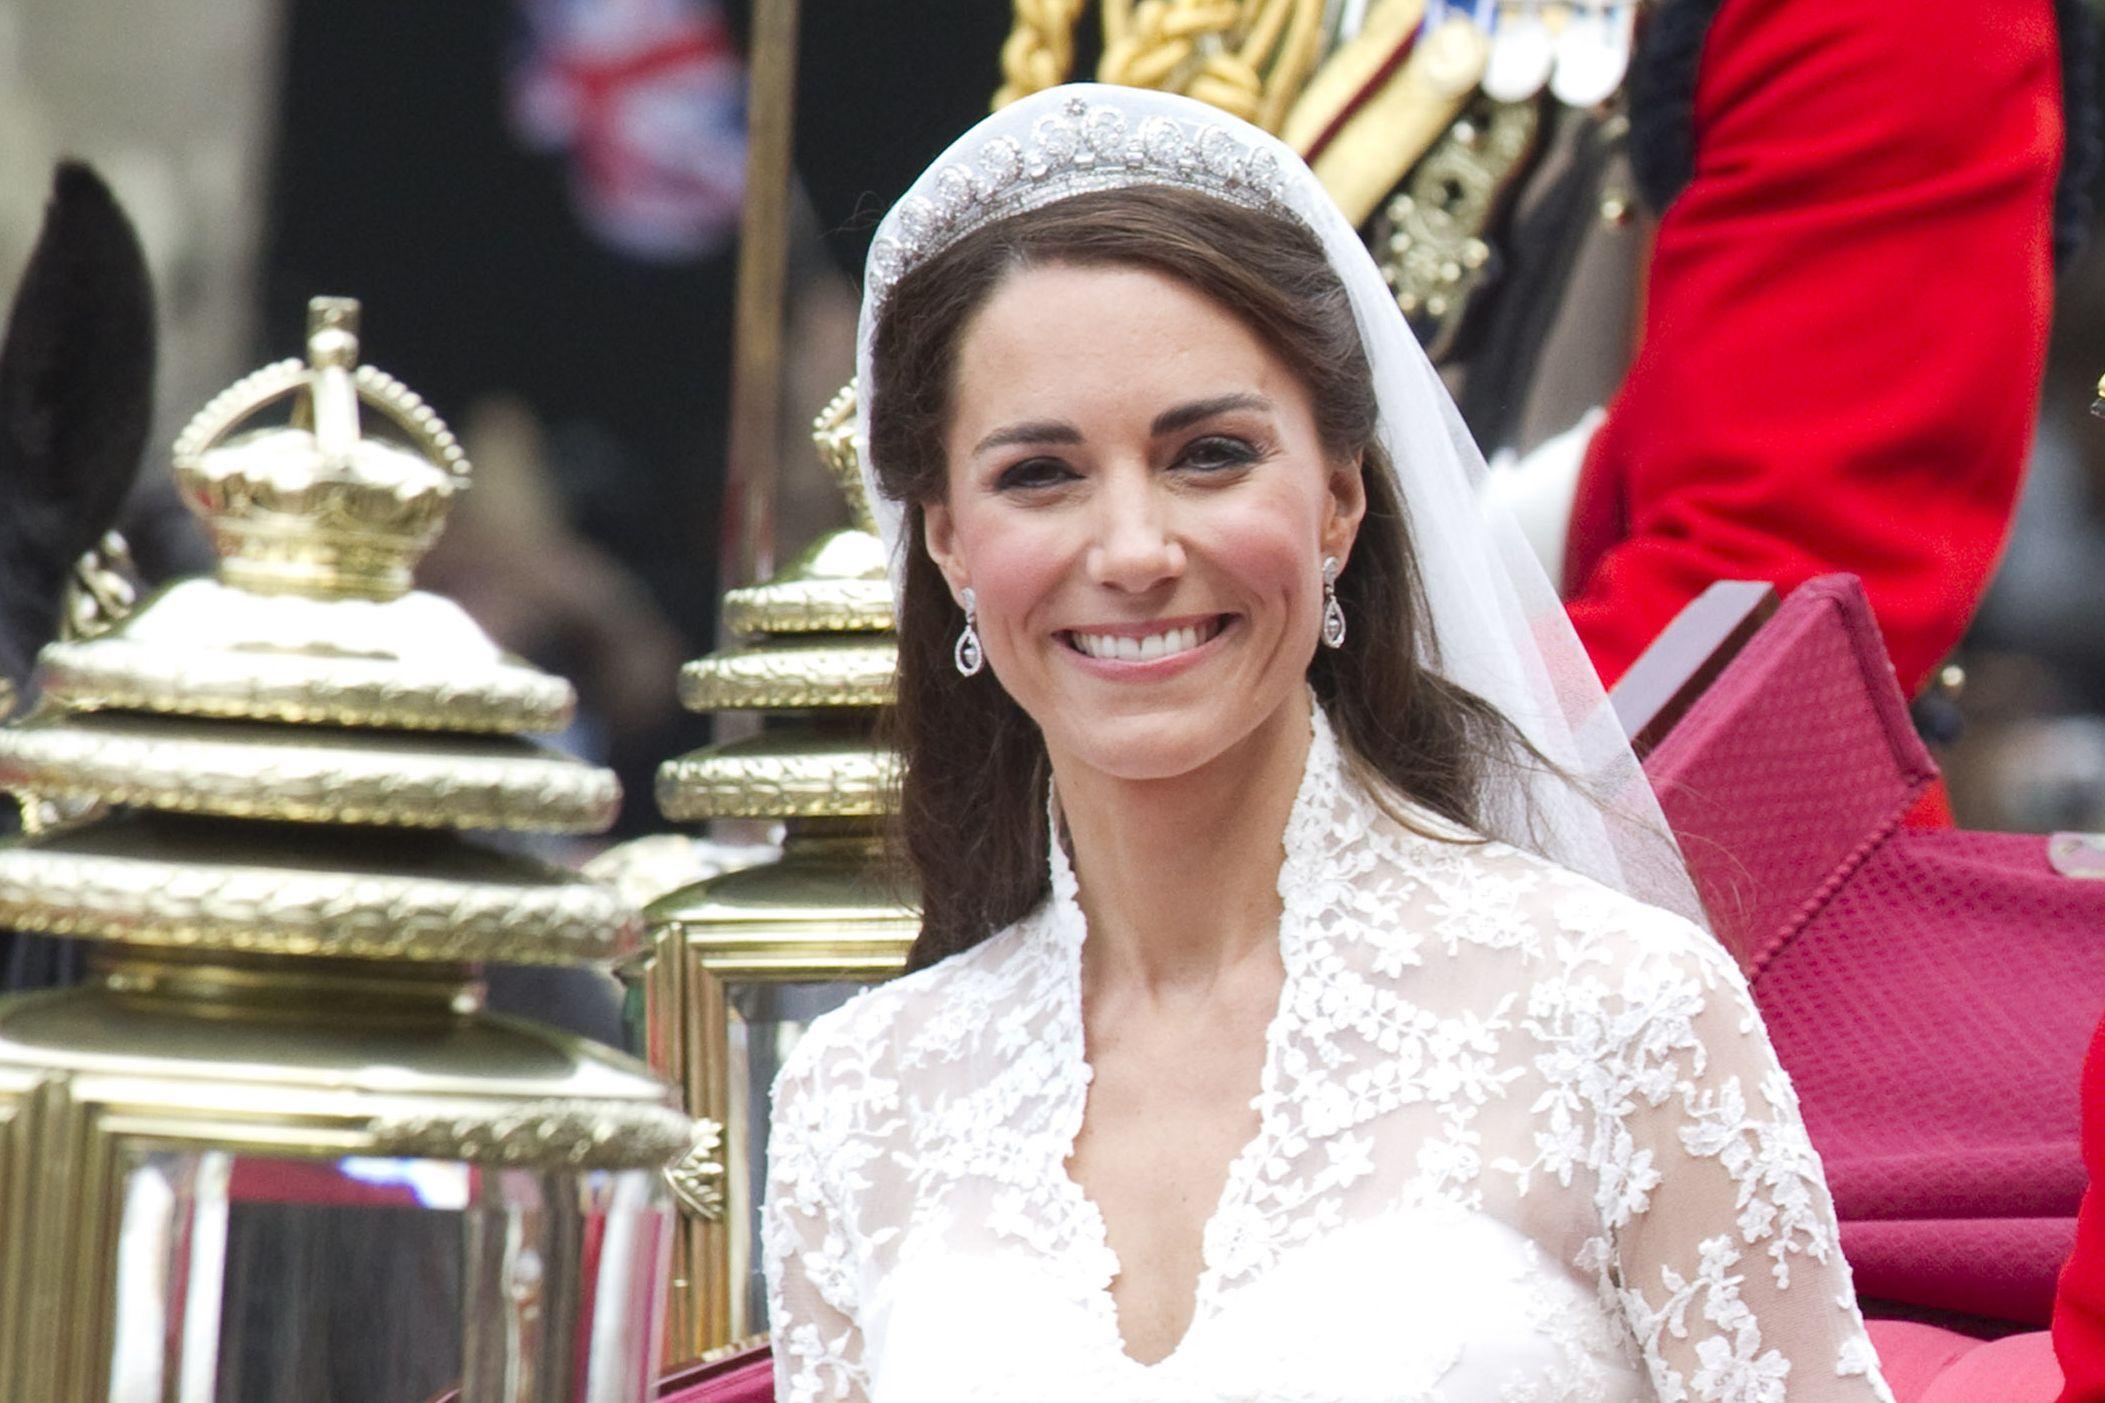 梅根馬克爾, 王妃, 皇室公主, 英國皇室, 皇冠, 凱特王妃, Meghan Markle, Kate Middleton, Princess Eugenie, Princess Beatrice, 王冠